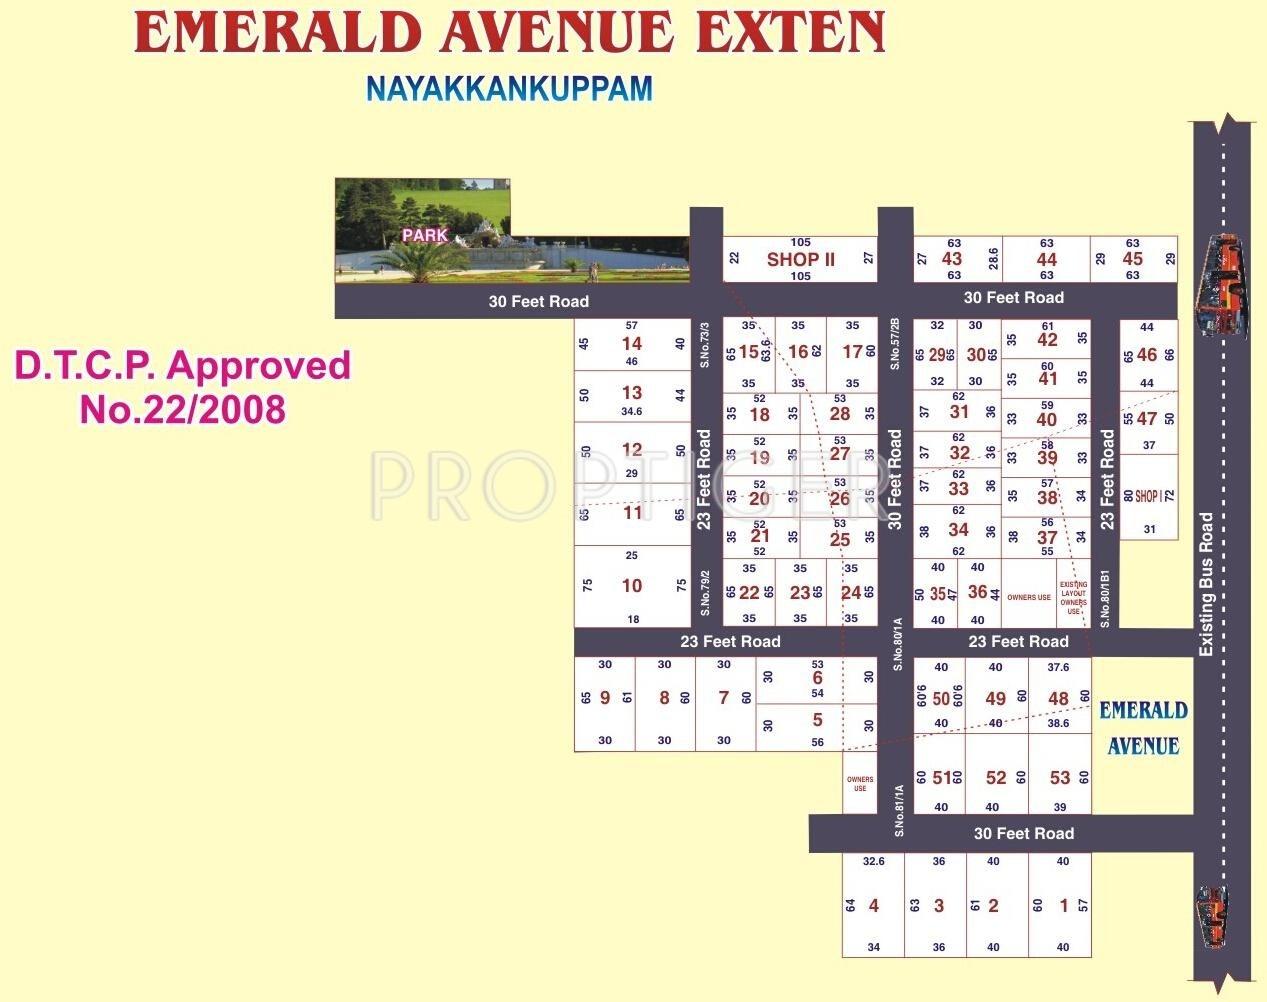 1650 Sq Ft Plot For Sale In Sri Devi Emerald Avenue Extension Walajabad Chennai